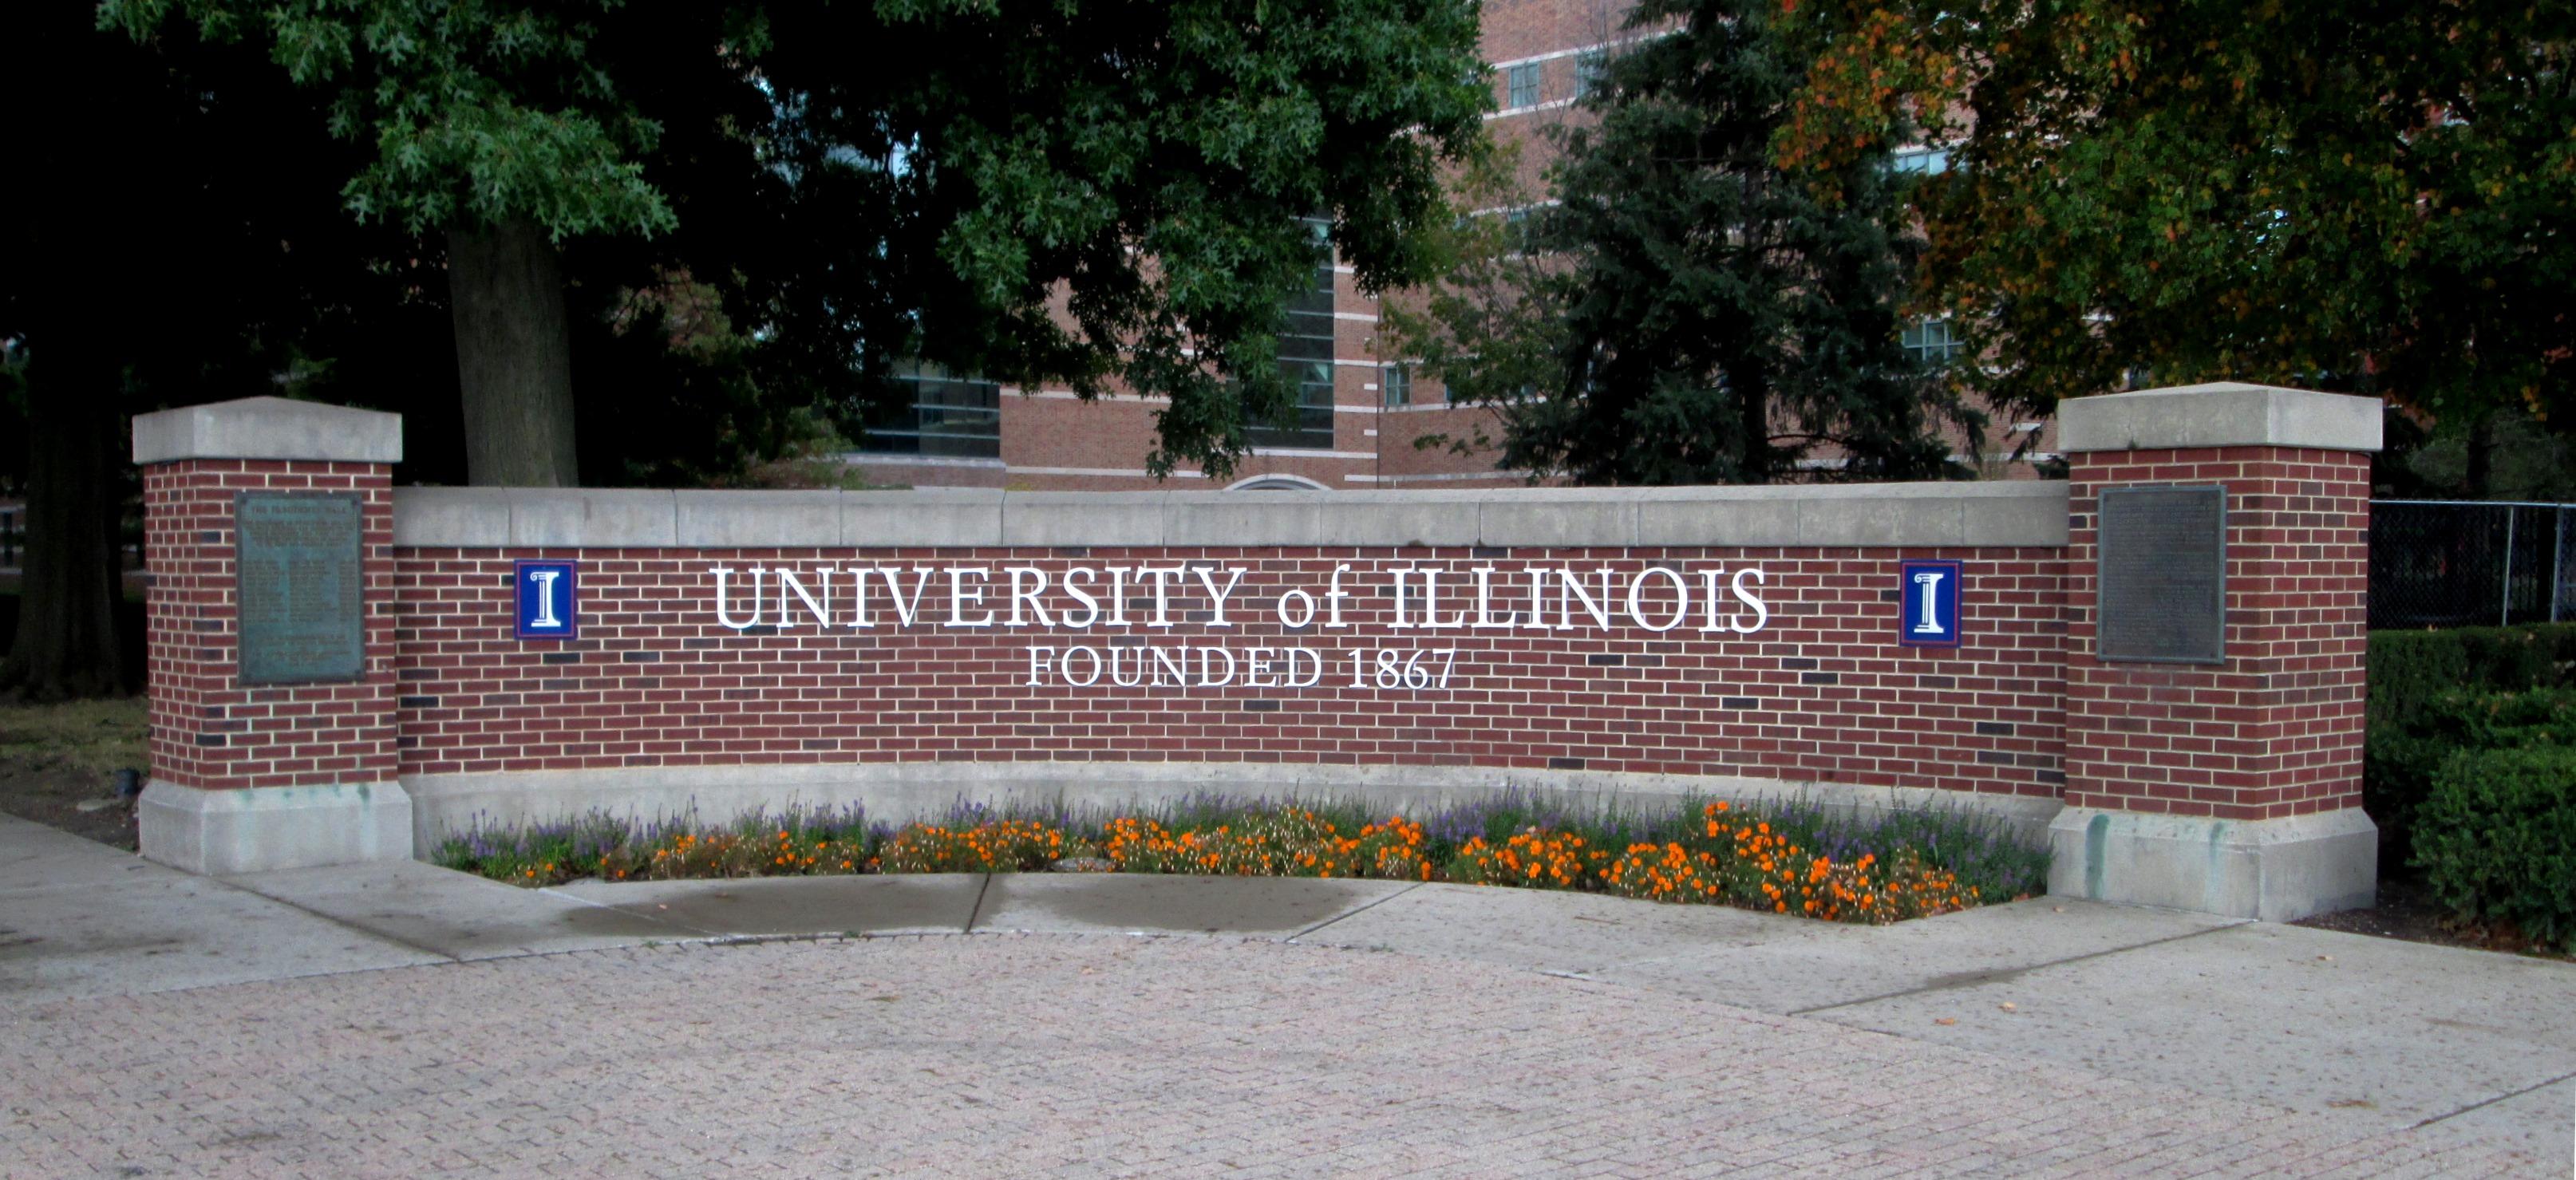 UNIVERSITY OF ILLINOIS – CHICAGO, ILLINOIS